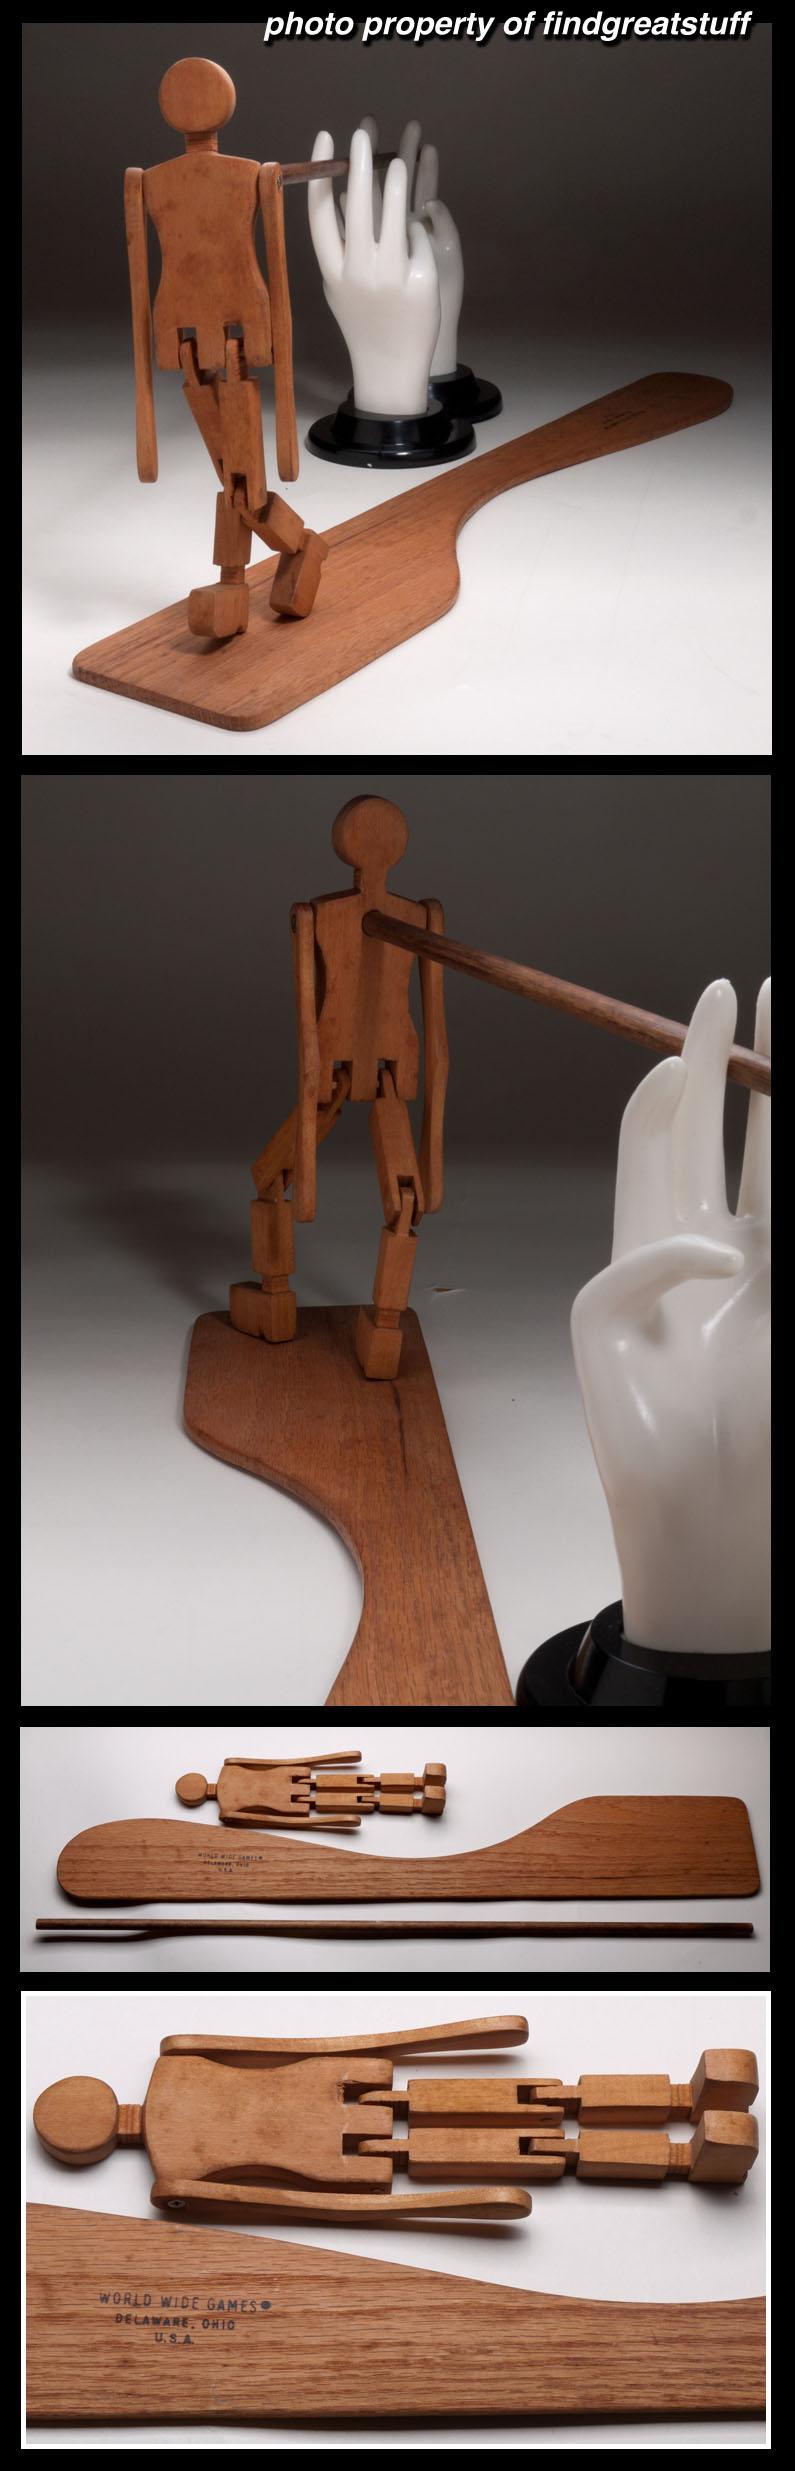 Dancing dan minstrel man on stick w tap dance board